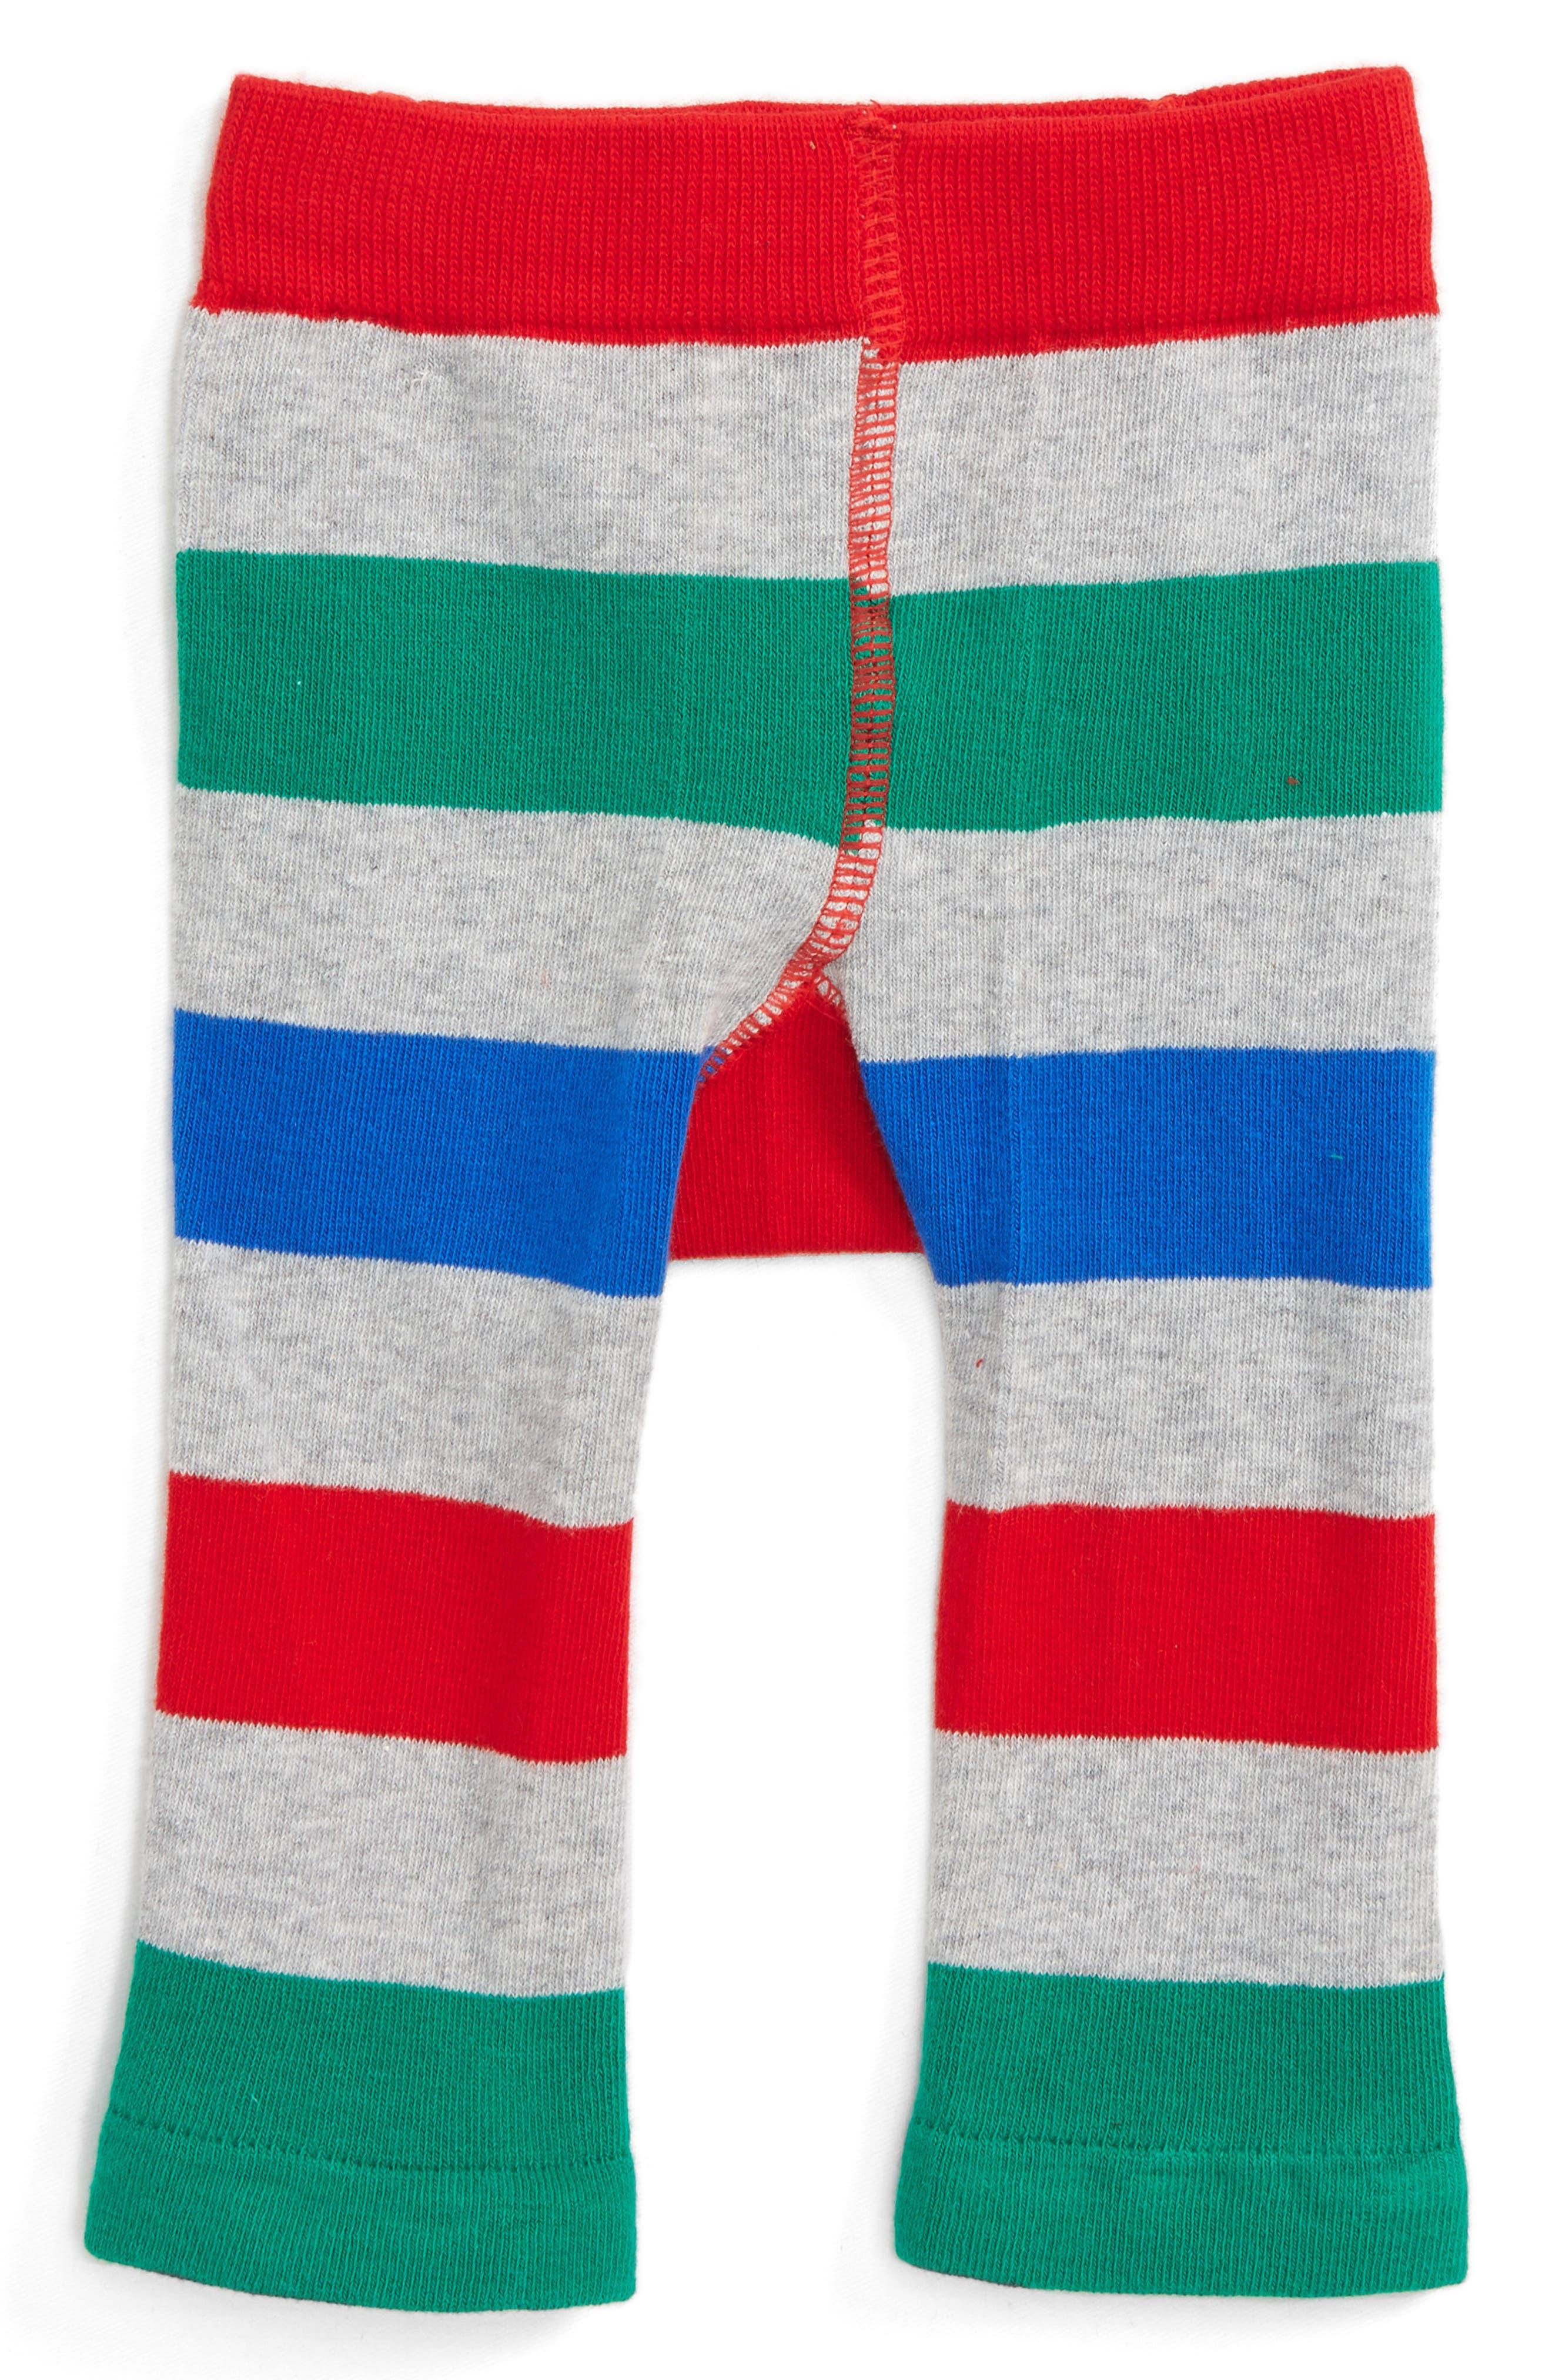 Giraffe Leggings,                             Alternate thumbnail 2, color,                             Green / Grey Marl / Blue / Red